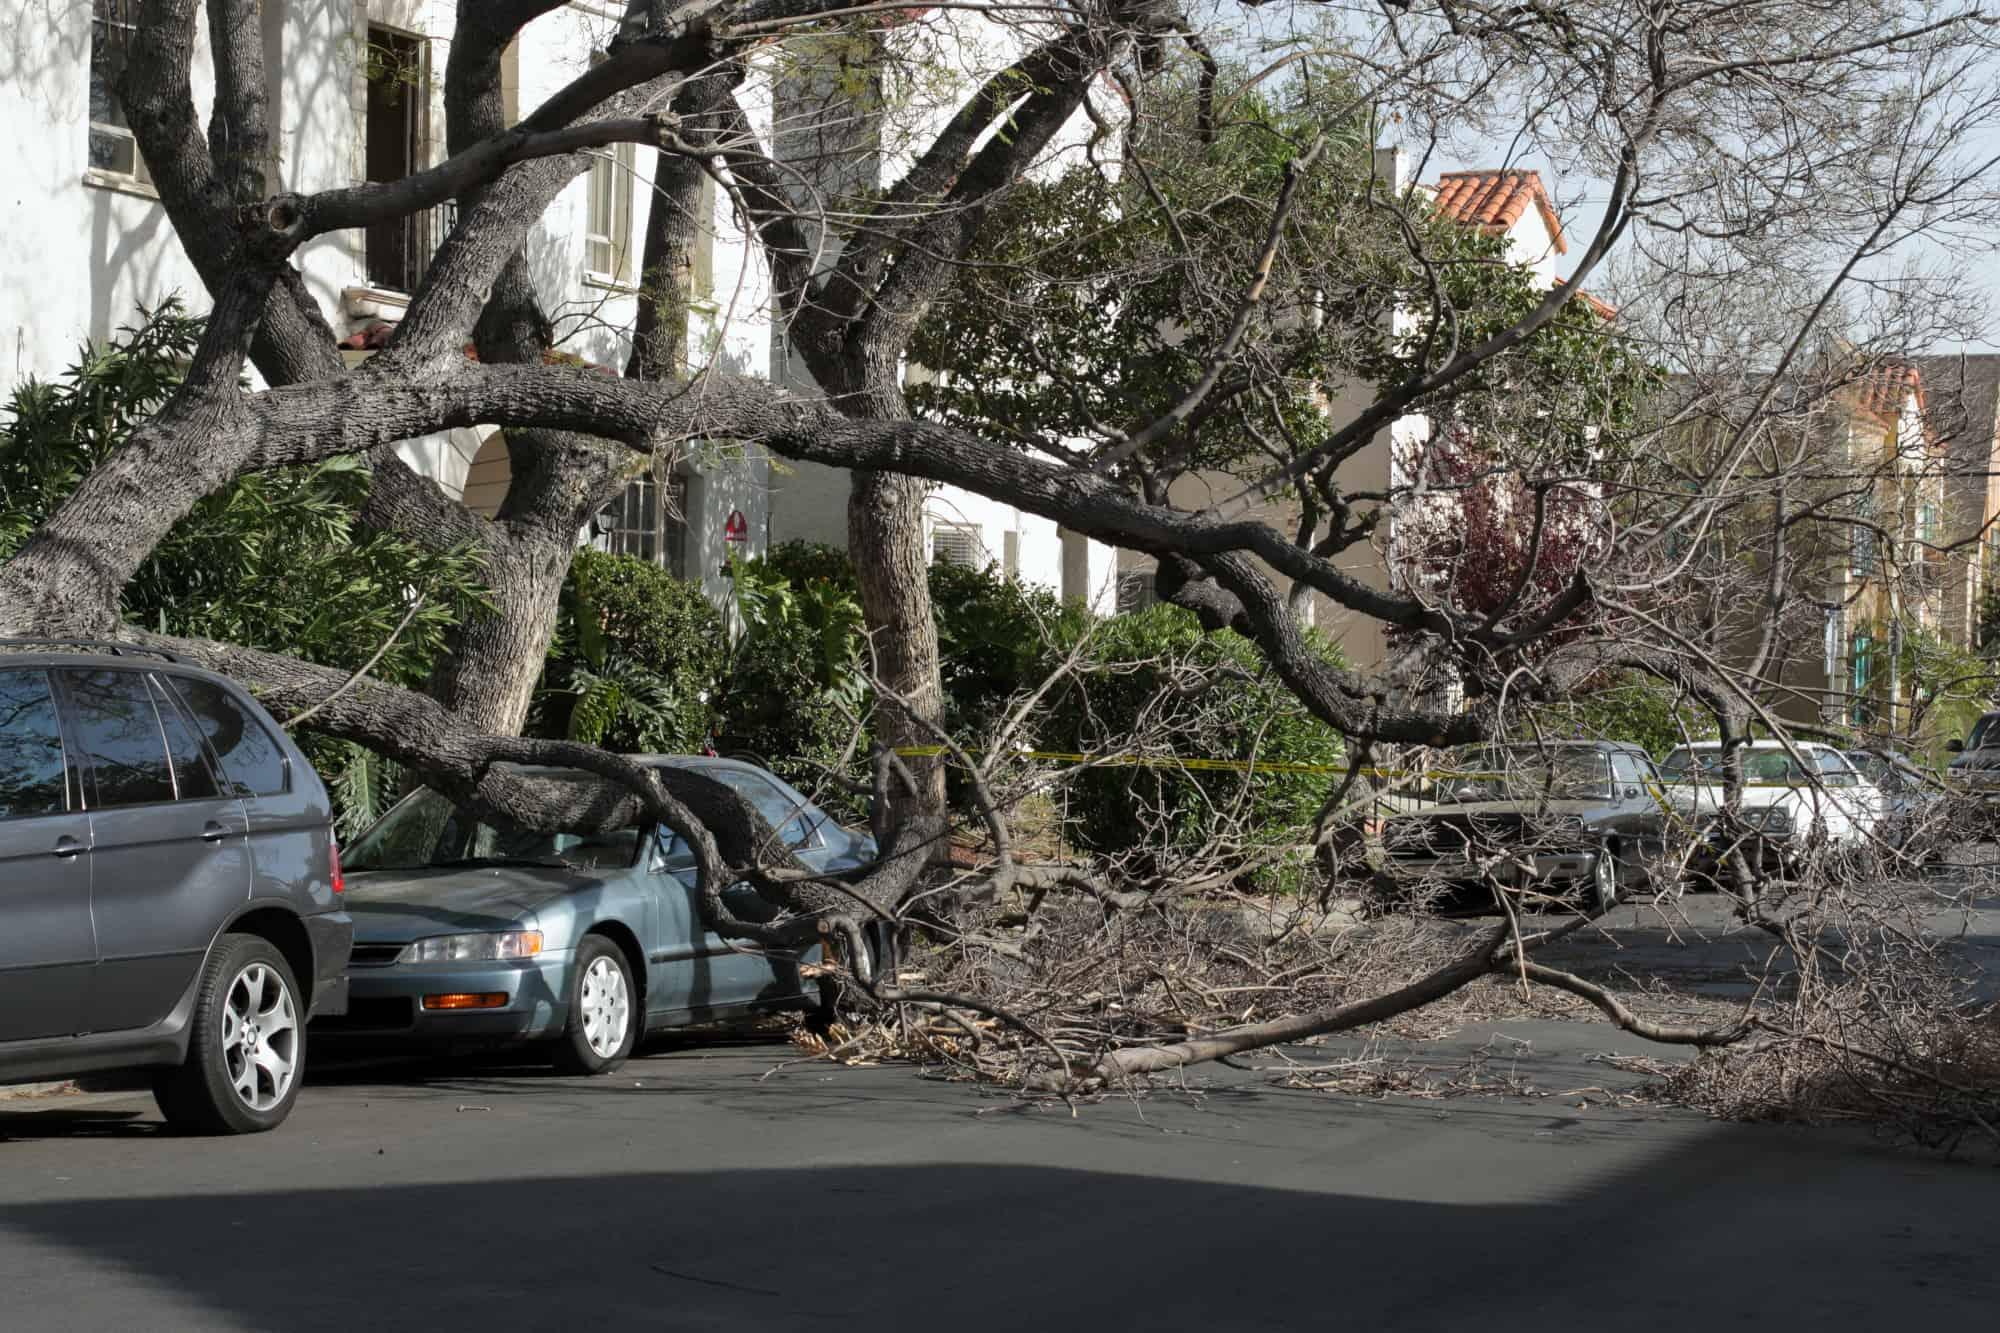 Fallen tree on Honda parked along the sidewalk